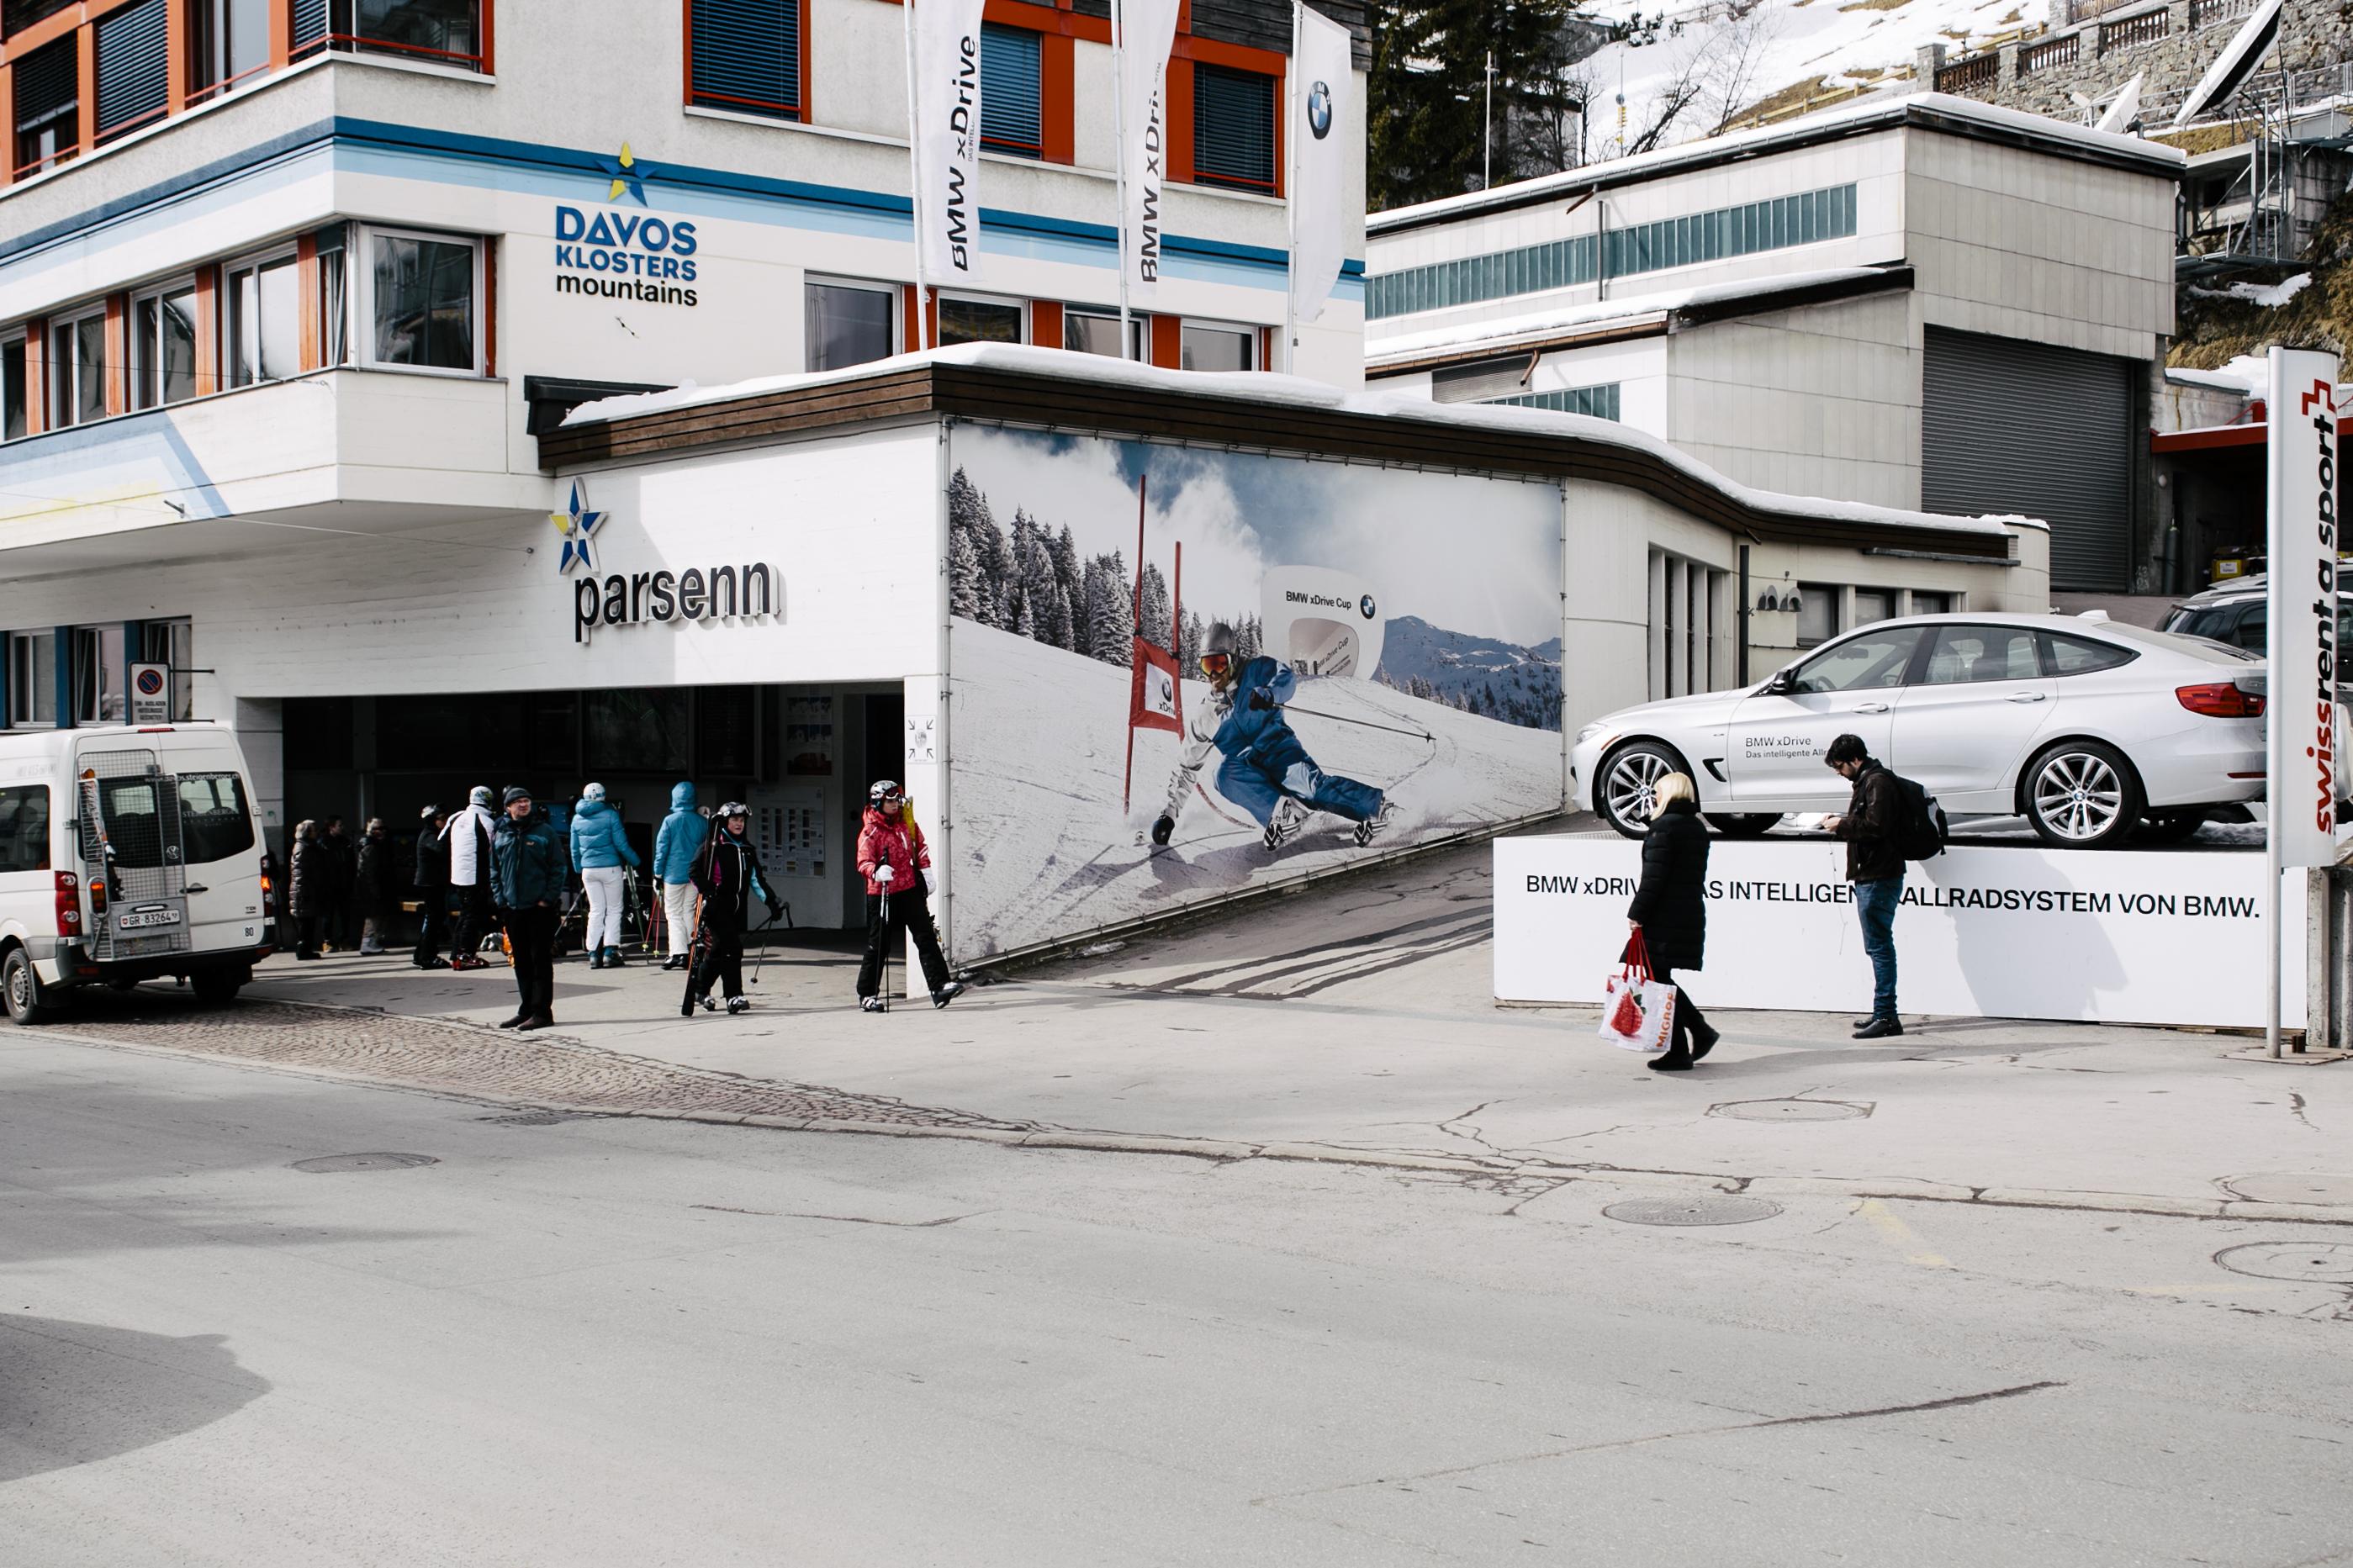 BMW - Davos - Alpdest